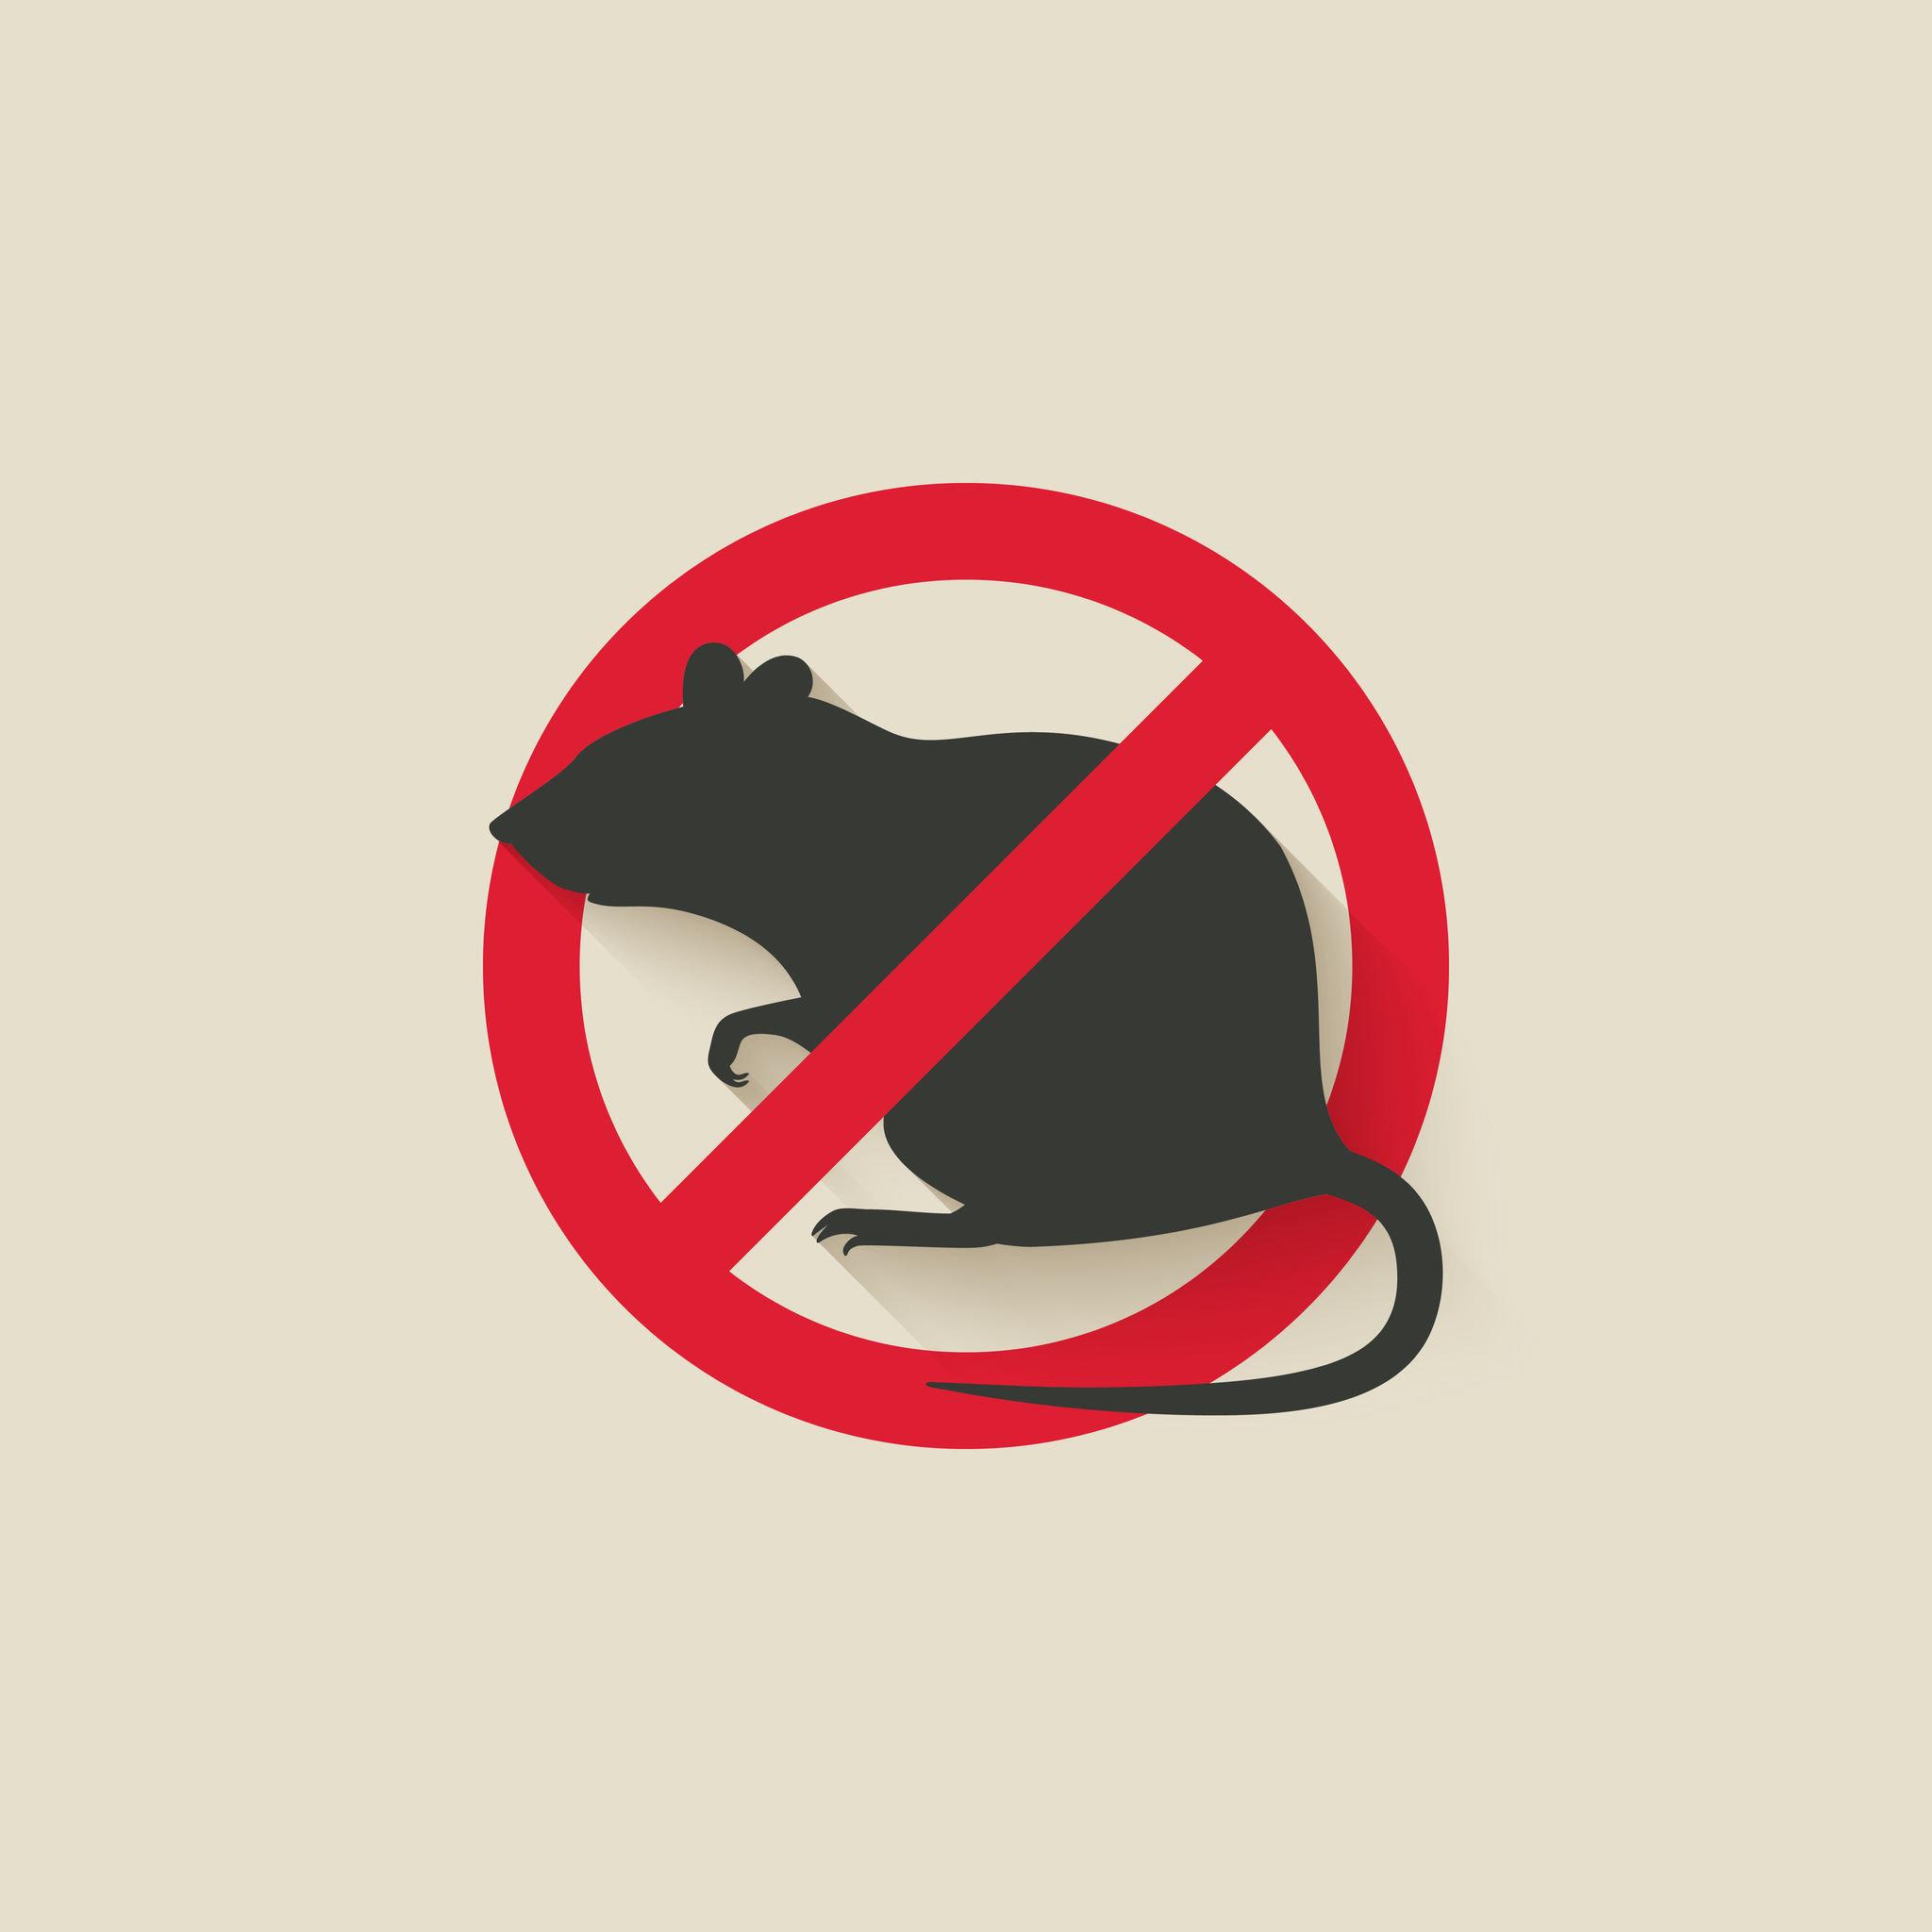 尋求具有可消滅入侵老鼠技術的專業公司,針對建築物外的環境提供良善的建議維護